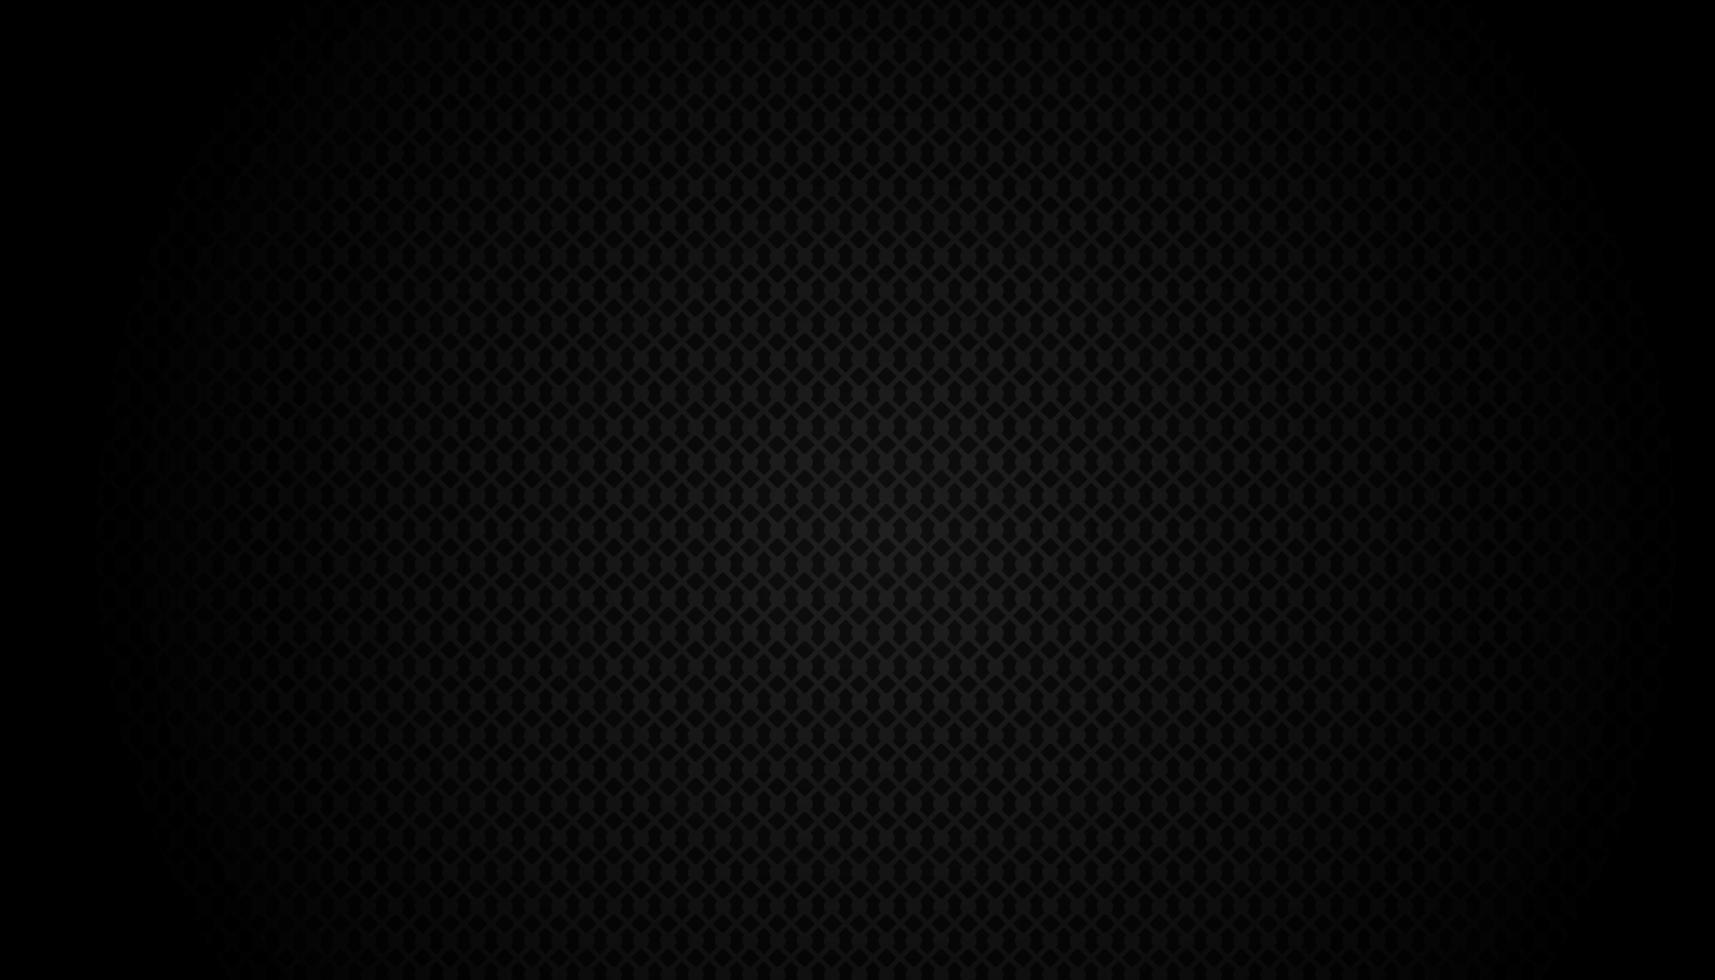 Fond noir texturé vecteur